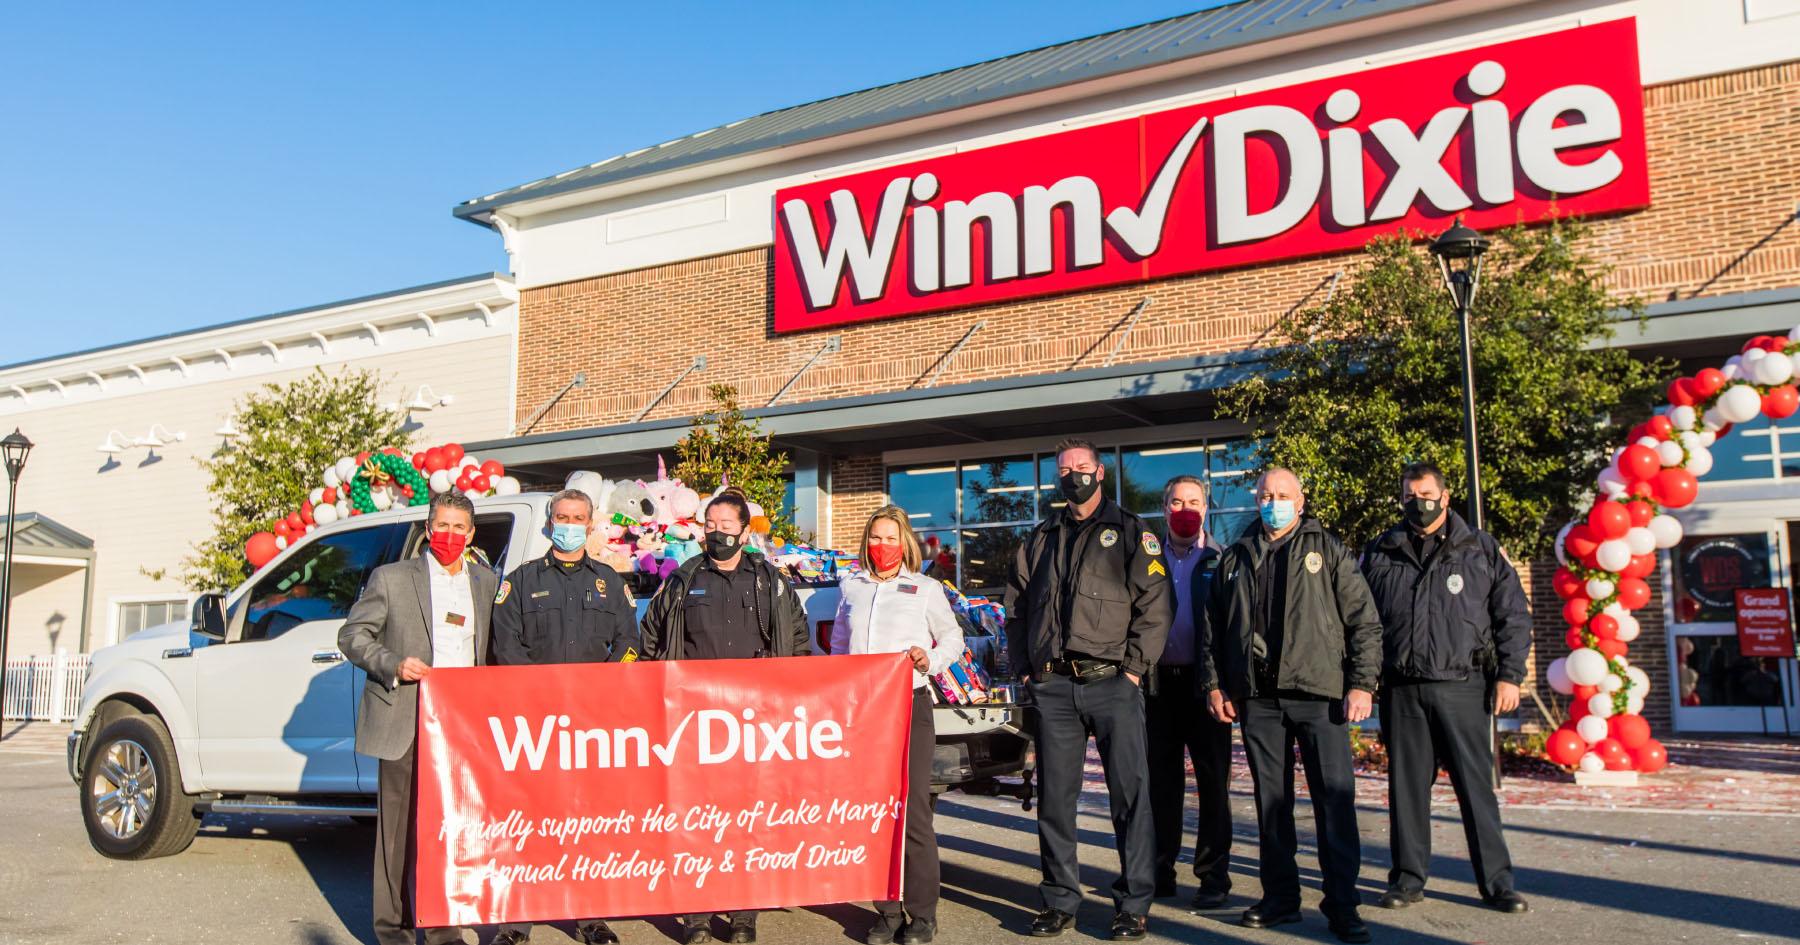 Winn-Dixie exterior